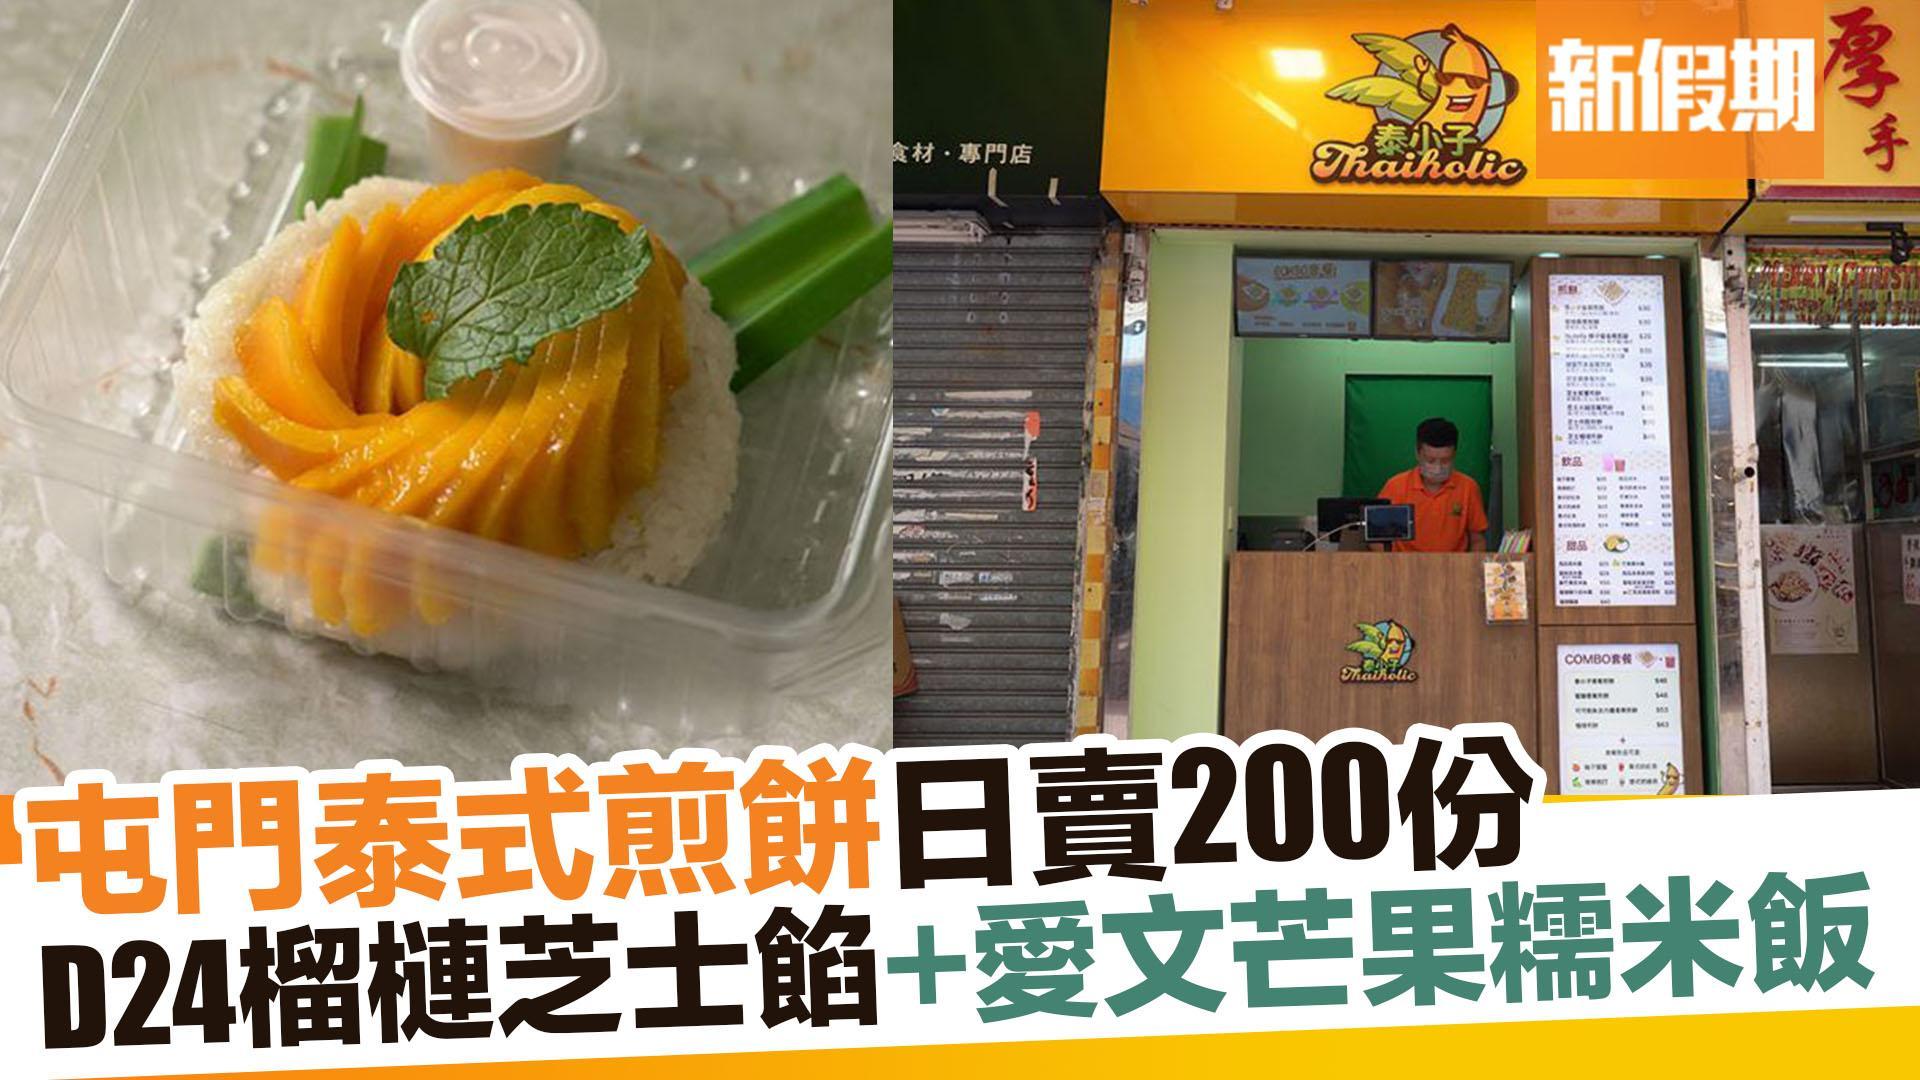 【外賣食乜好】屯門泰小子泰式香蕉煎餅日賣200件:榛子醬香蕉味/芝士紫薯味/D24榴槤味 必食愛文芒果糯米飯+芒椰奶西 新假期